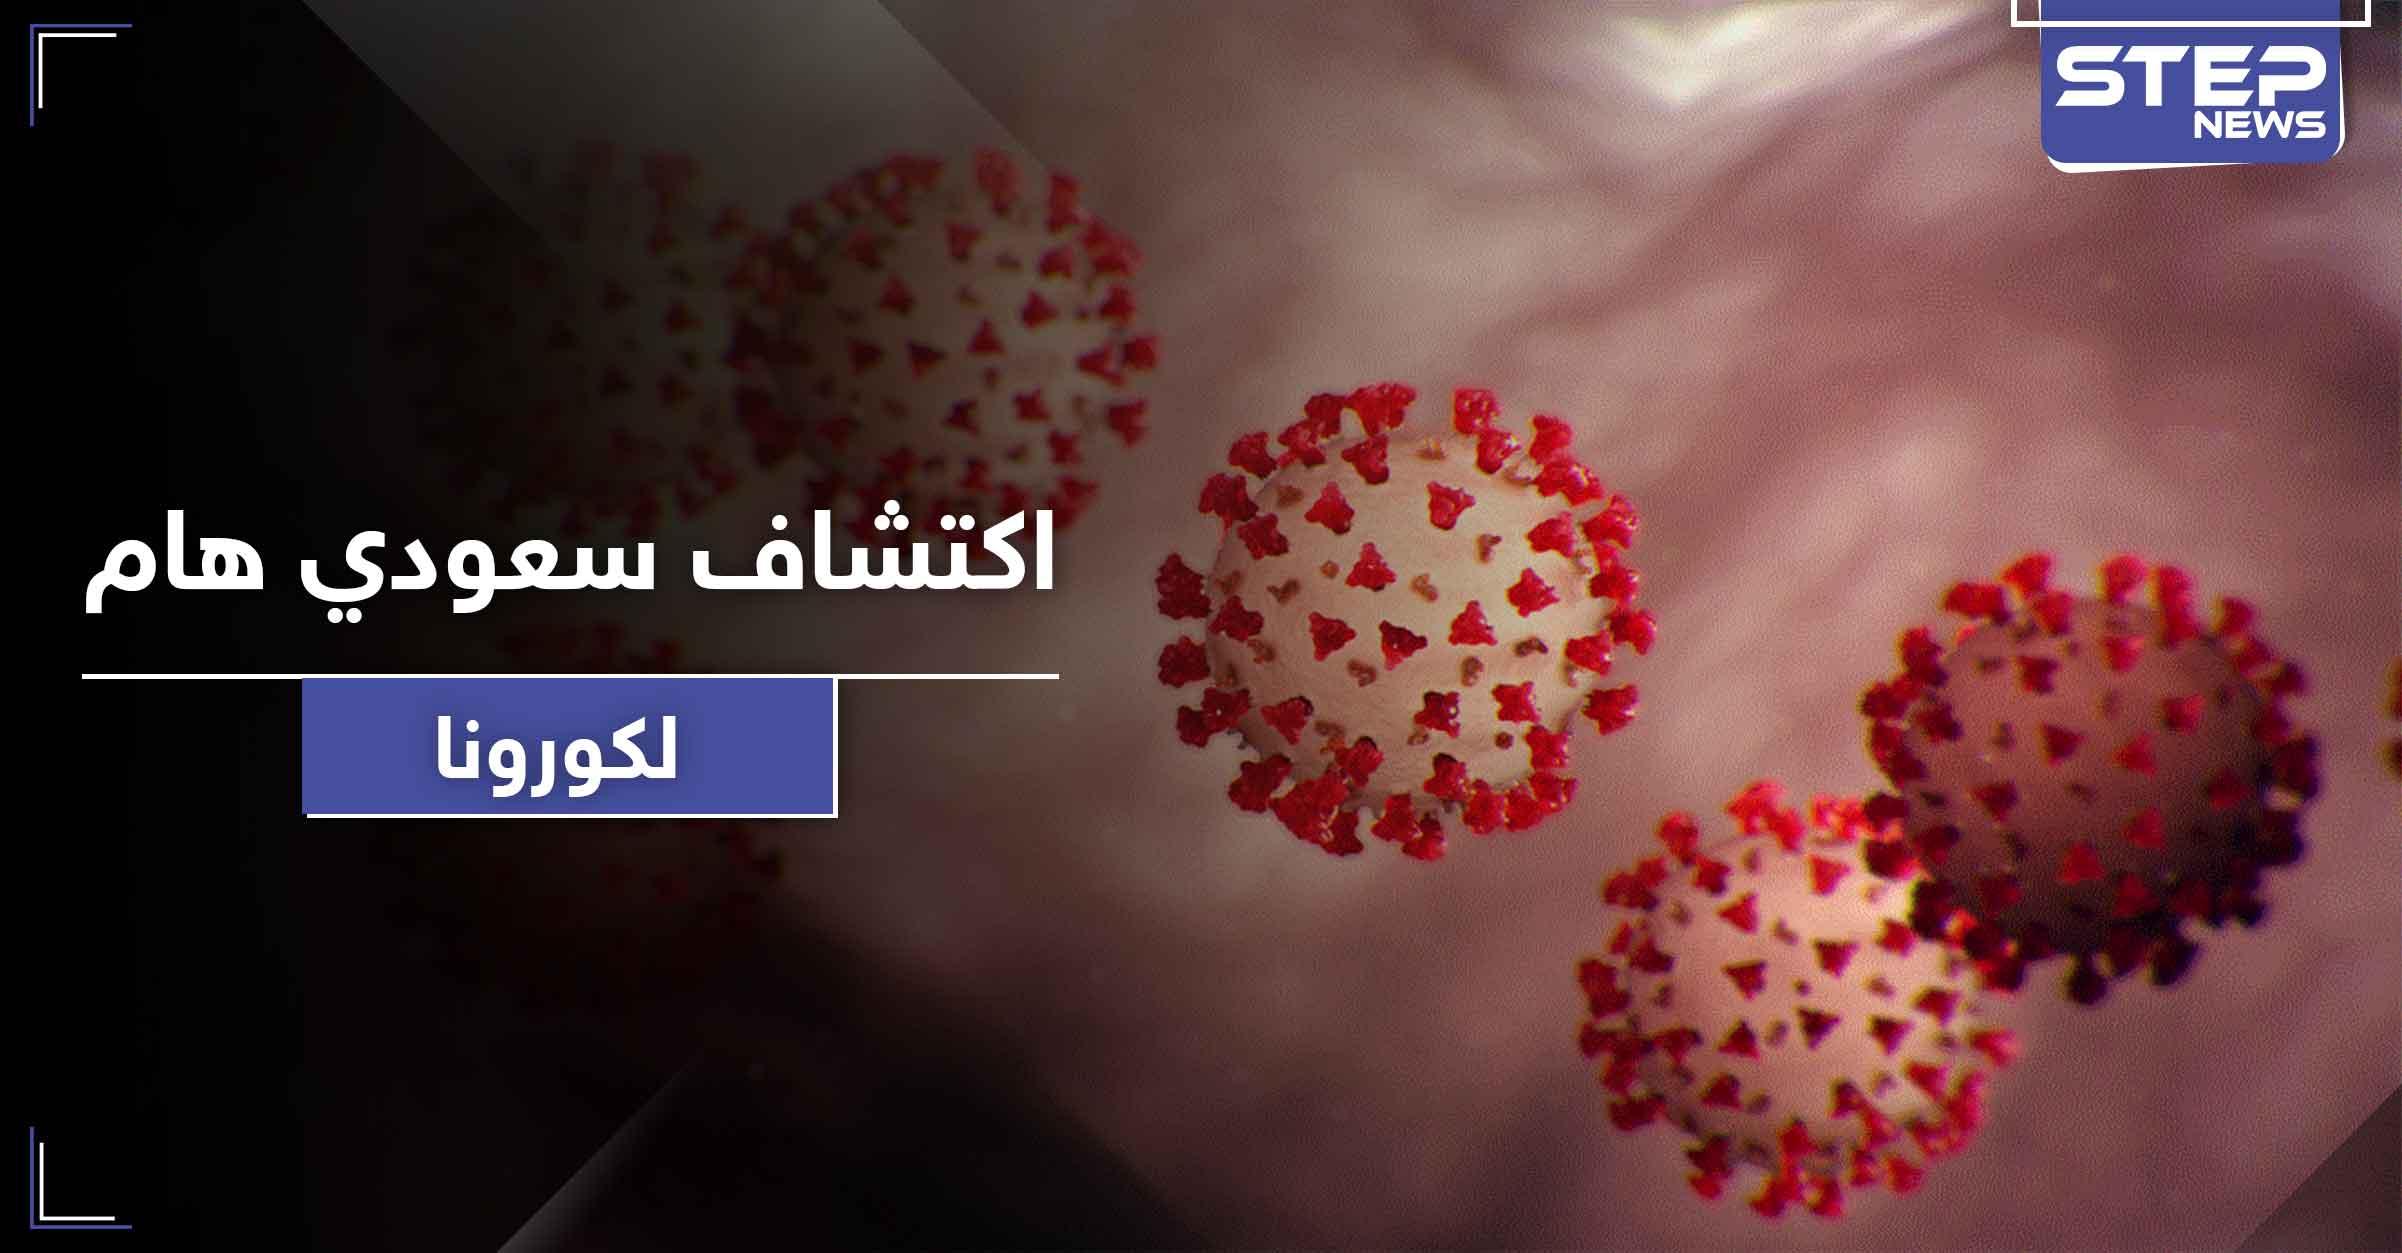 فريق بحثي سعودي يكتشف مادة تقضي على فيروس كورونا في 30 ثانية فقط